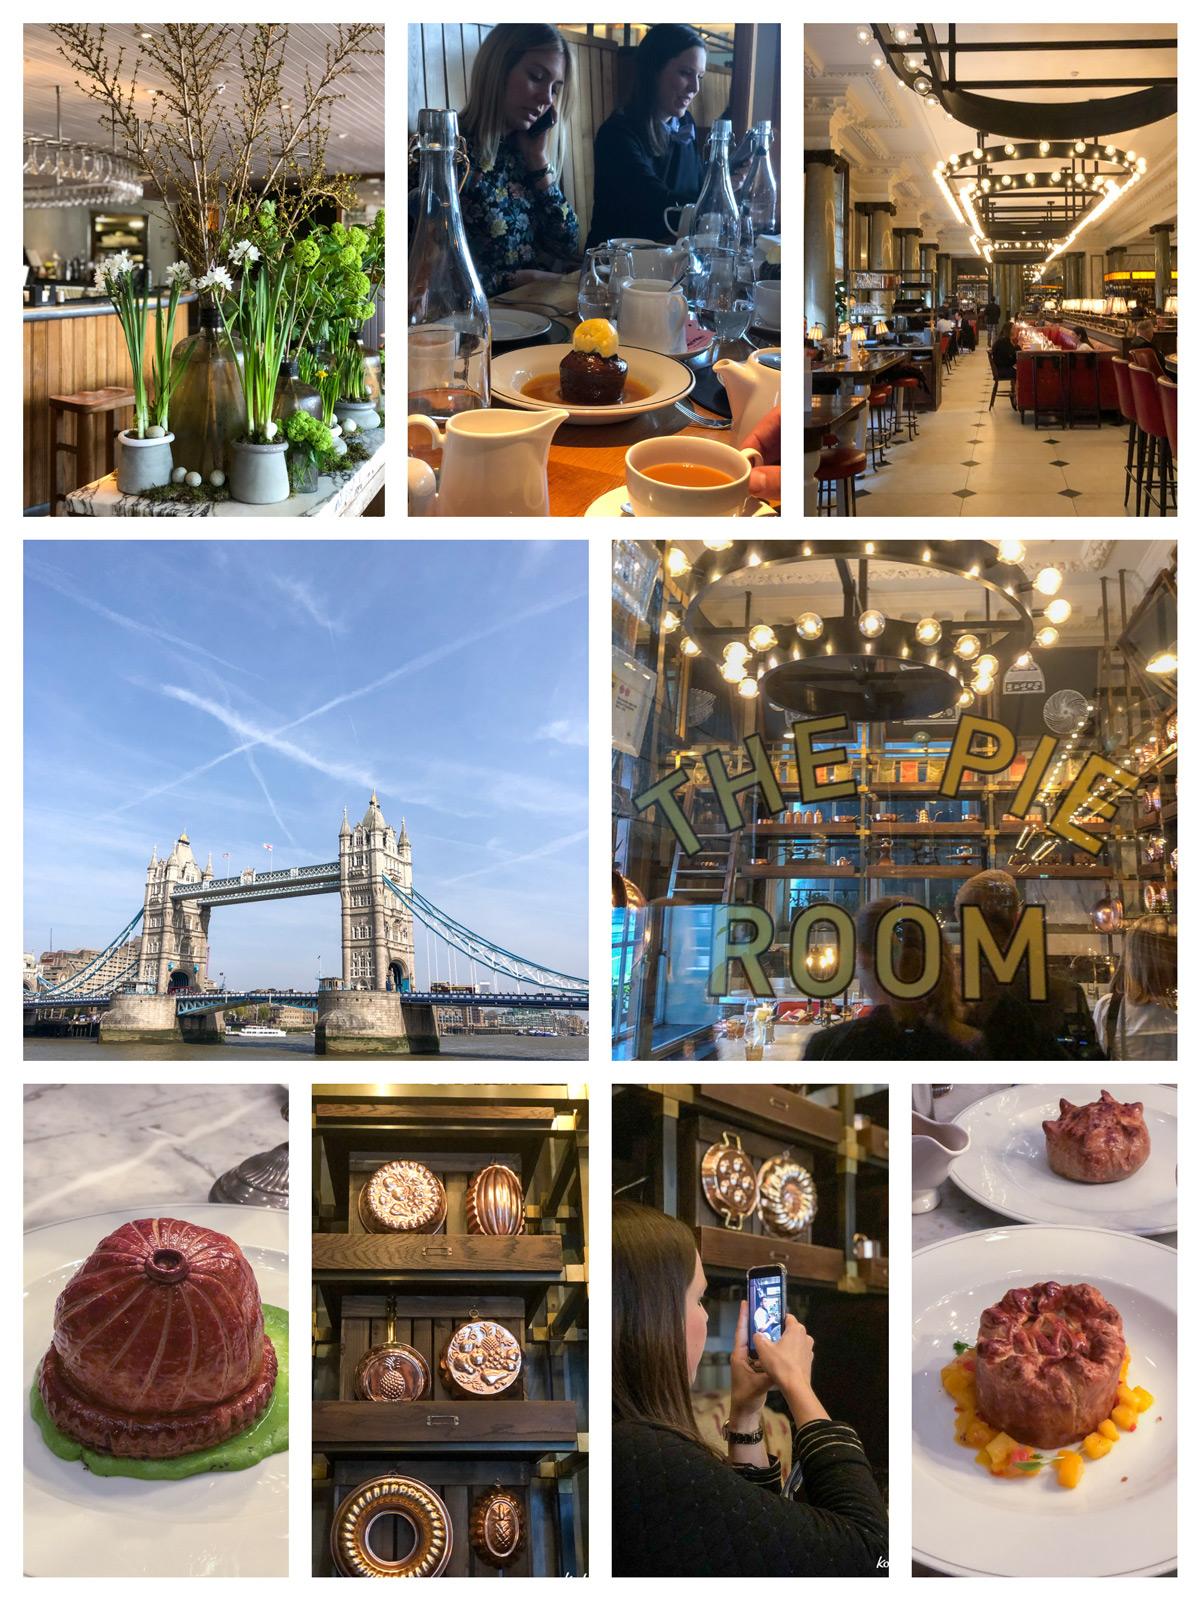 Restaurant Chop House und Holborn, London | Kenwood Reise | Rezept glutenfreies Shortbread